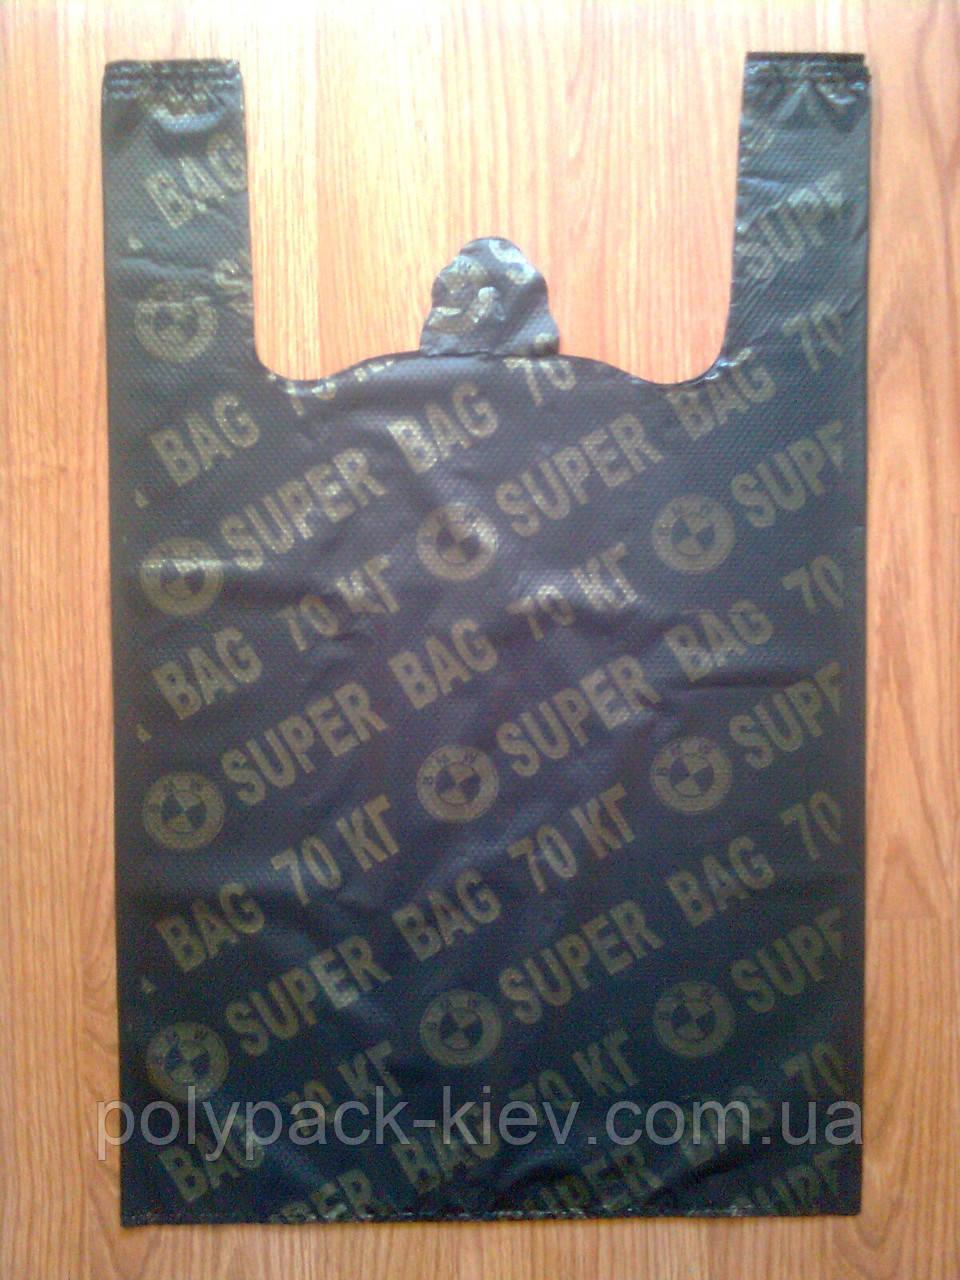 Пакеты-майка 38*60 см/ 35 мкм SUPER BAG аналог BMW от производителя, плотный пакет оптом